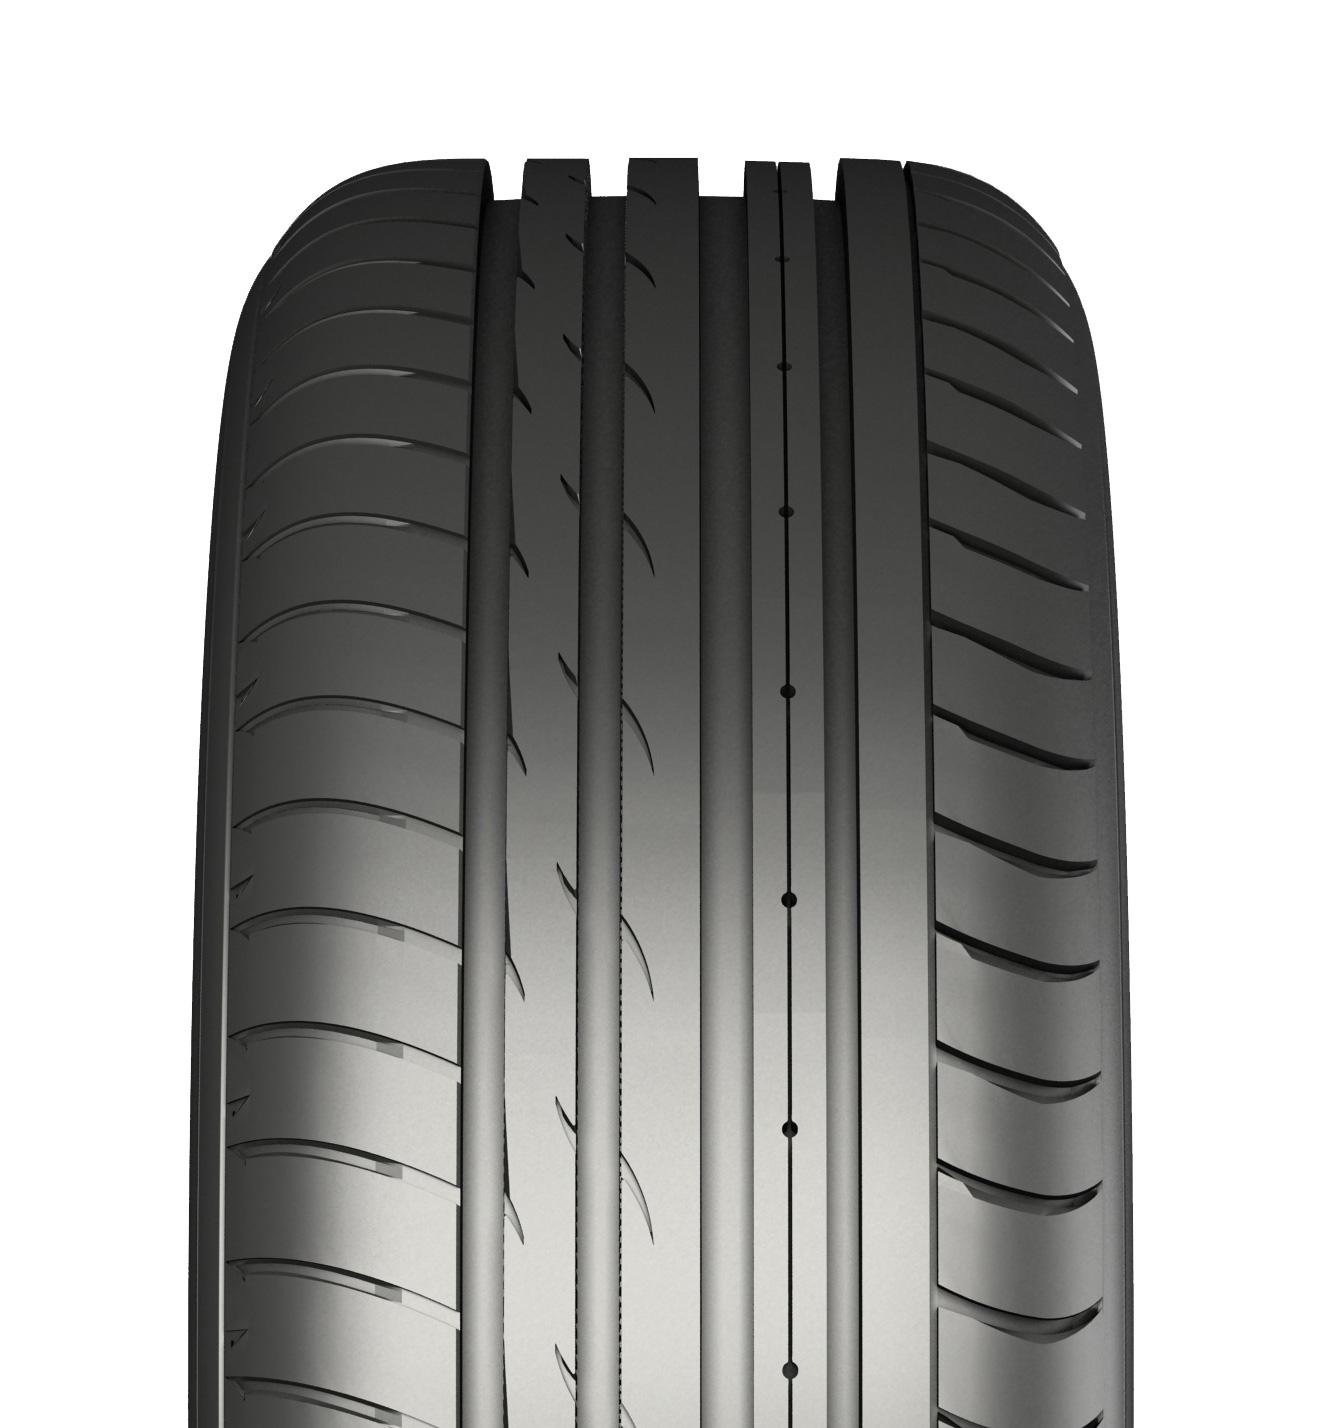 NANKANG sportnex as-2+ 215/45 R17 91V TL XL MFS, letní pneu, osobní a SUV